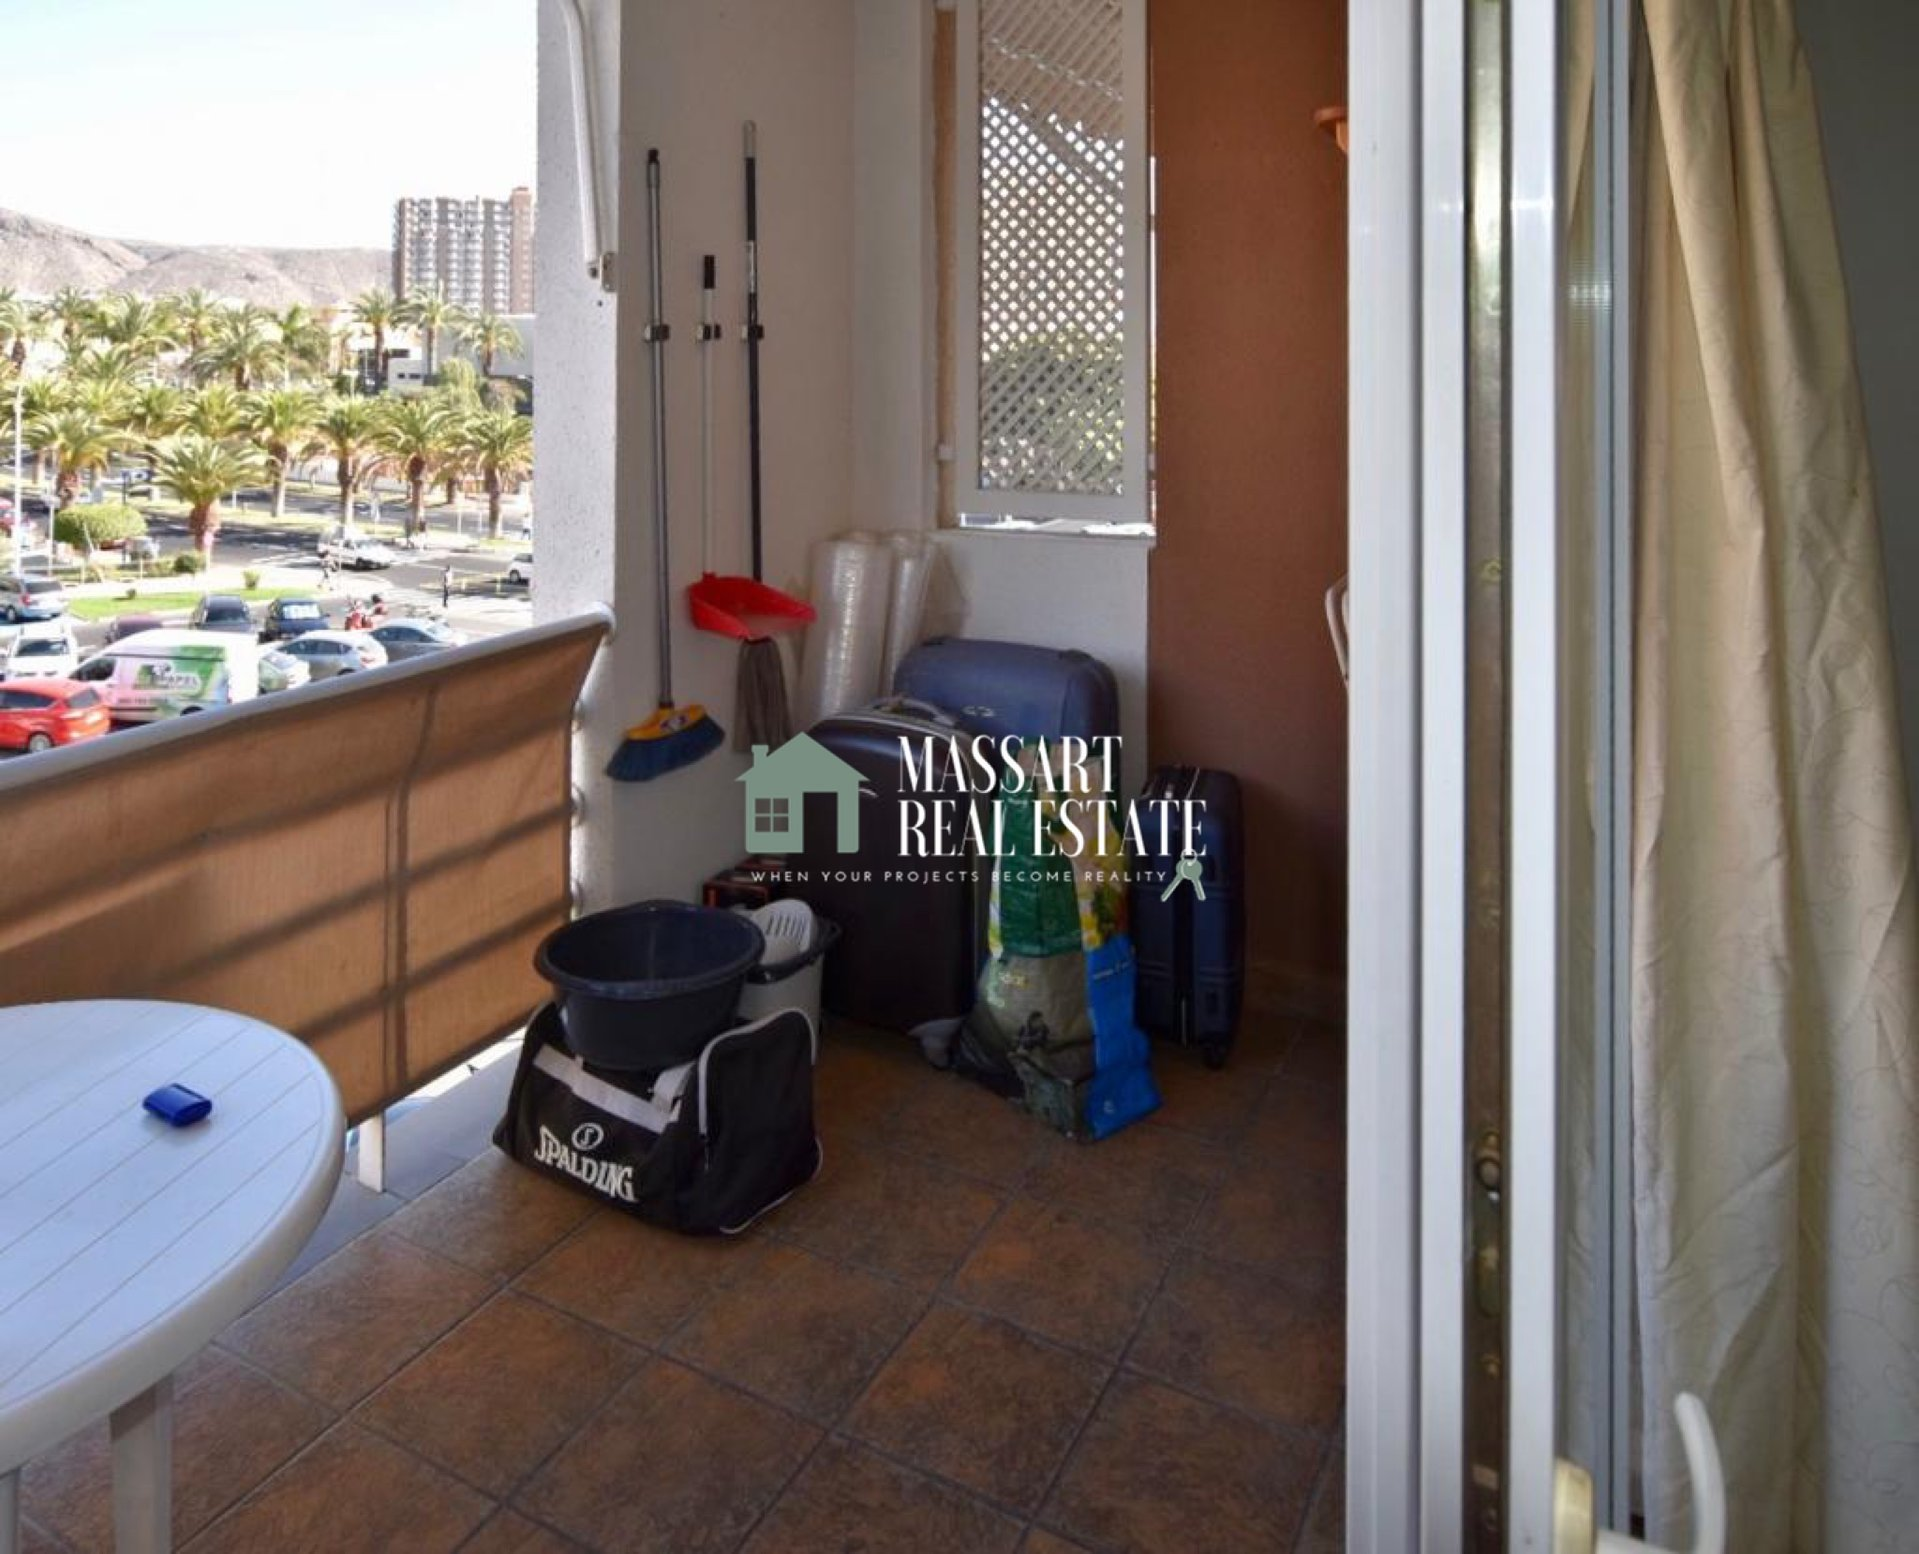 TE KOOP - Recent gerenoveerd appartement van 57 m2 gelegen in het centrum van Los Cristianos, in het Marte-gebouw ... op slechts 5 minuten van het strand!